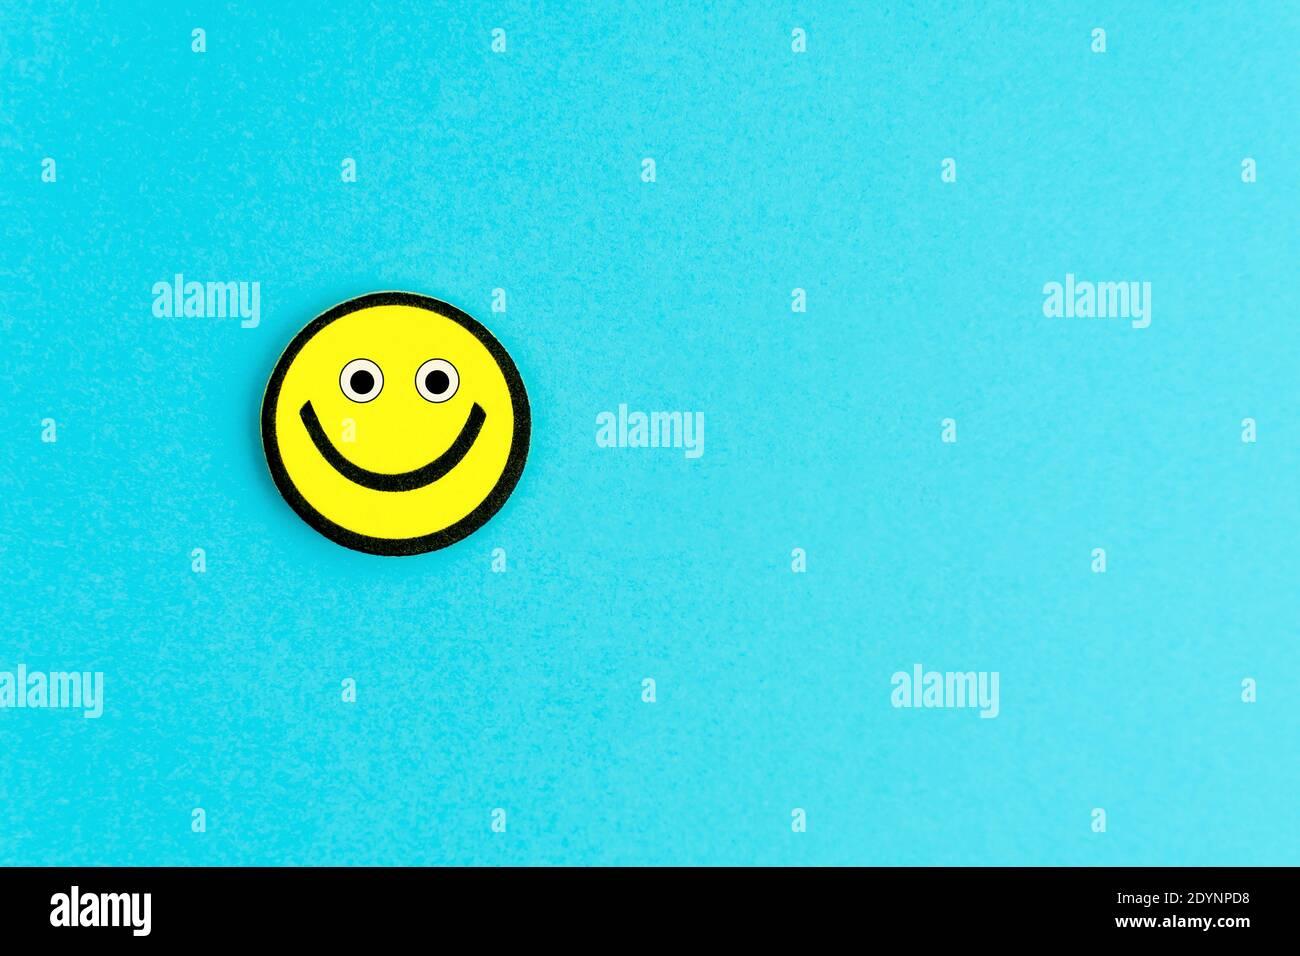 Smiley guten abend Smiley Auf